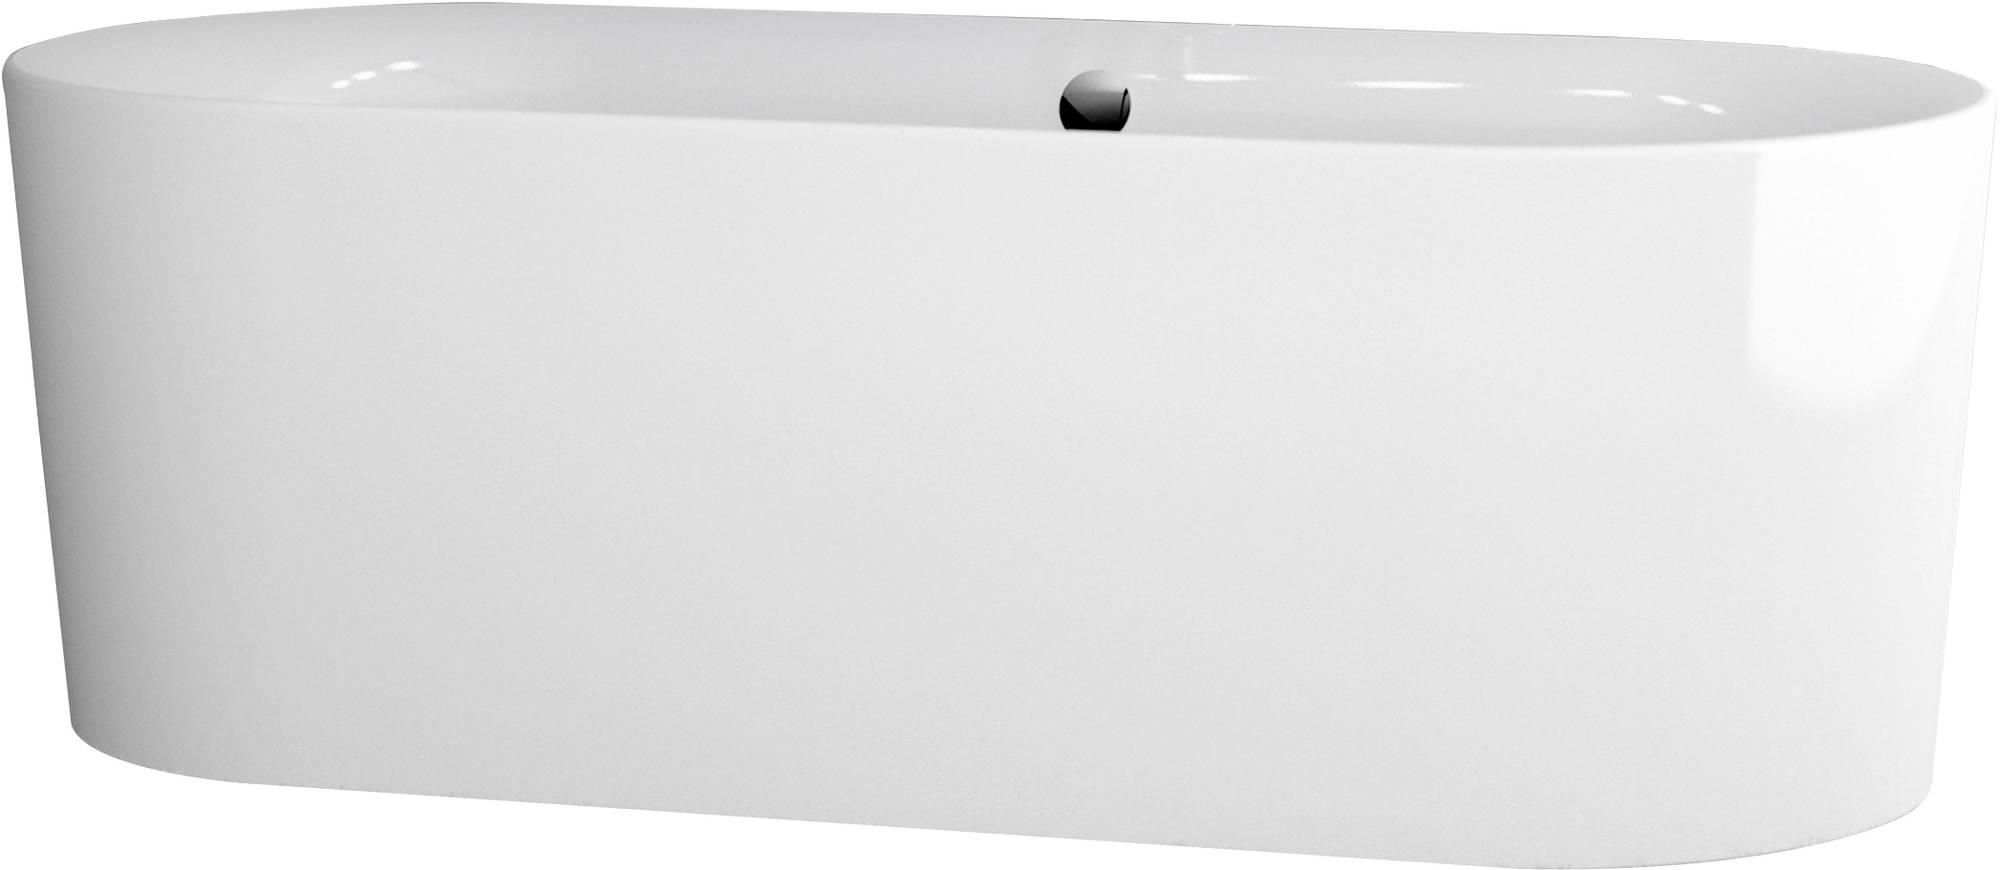 Ben Vico Bad Vrijstaand met Badvul en overloopcombinatie 180x80 cm Mat Wit - Mat Wit